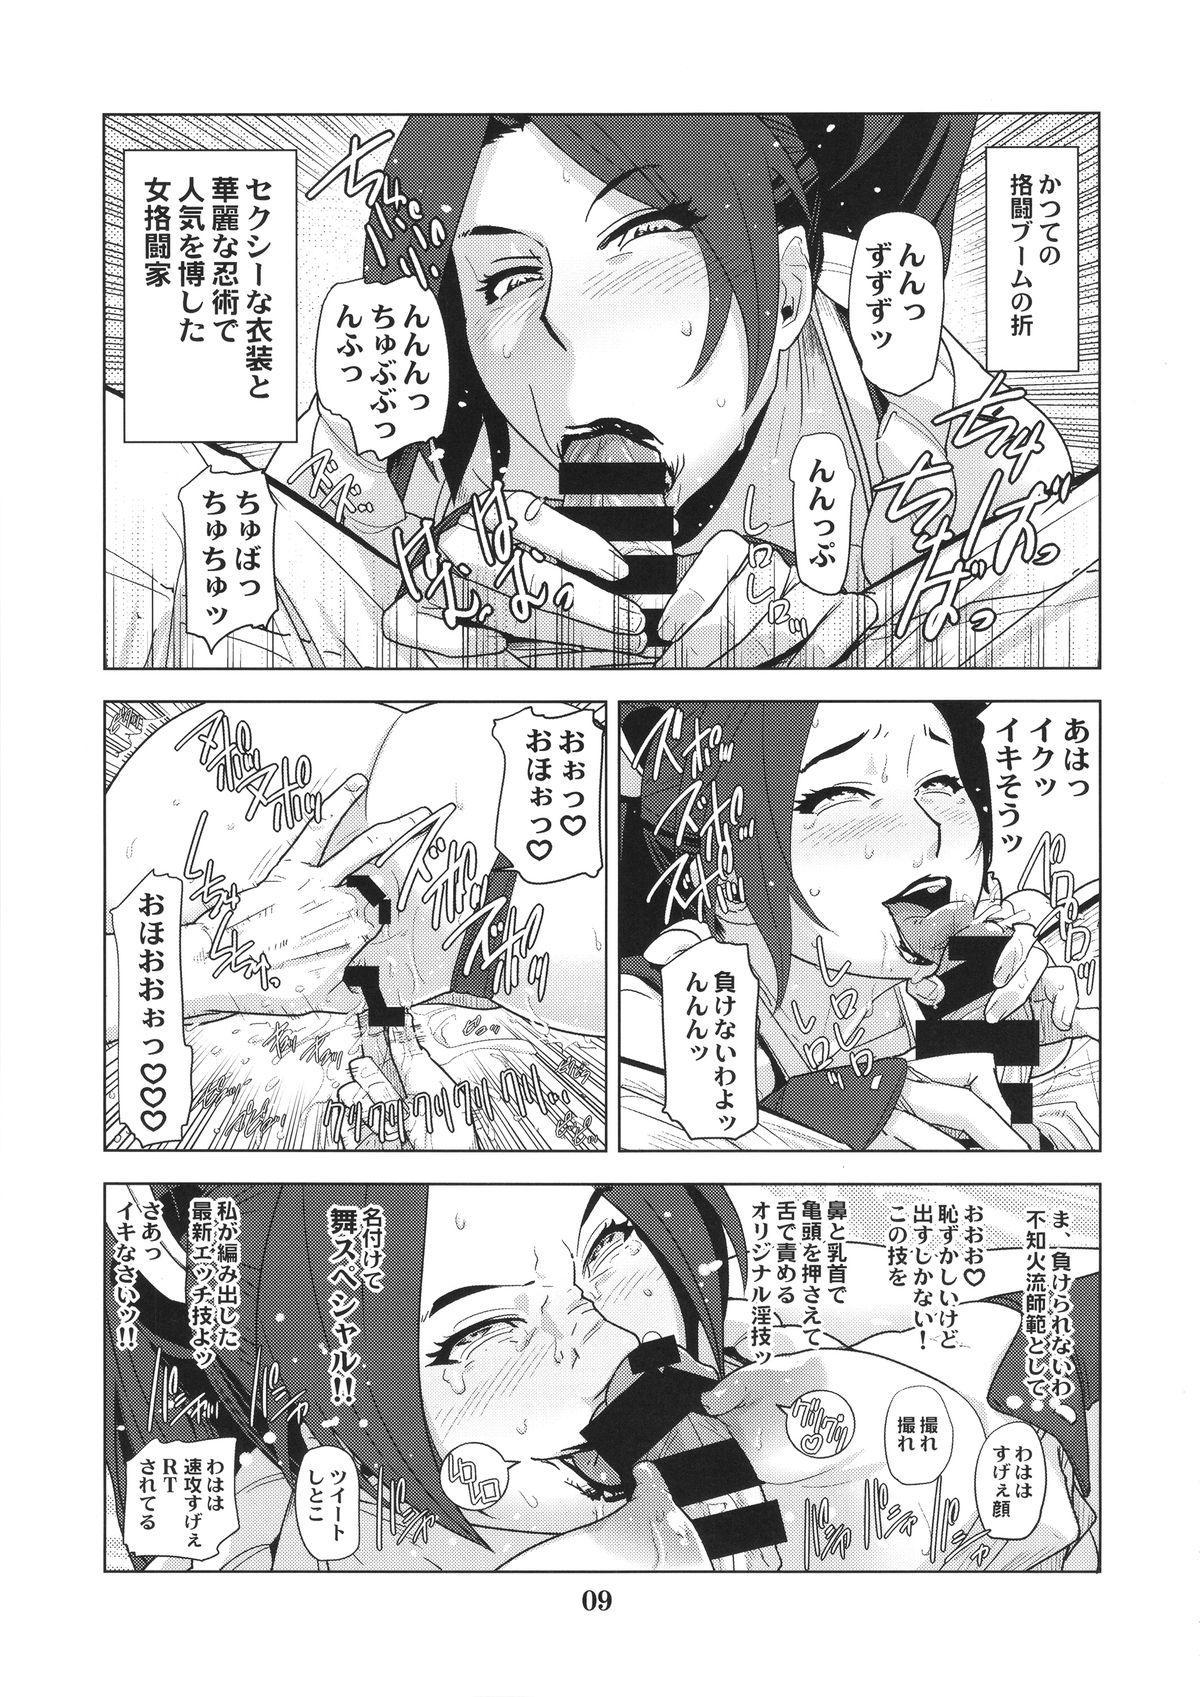 Shiranui Mai Mitchaku 24-ji 7